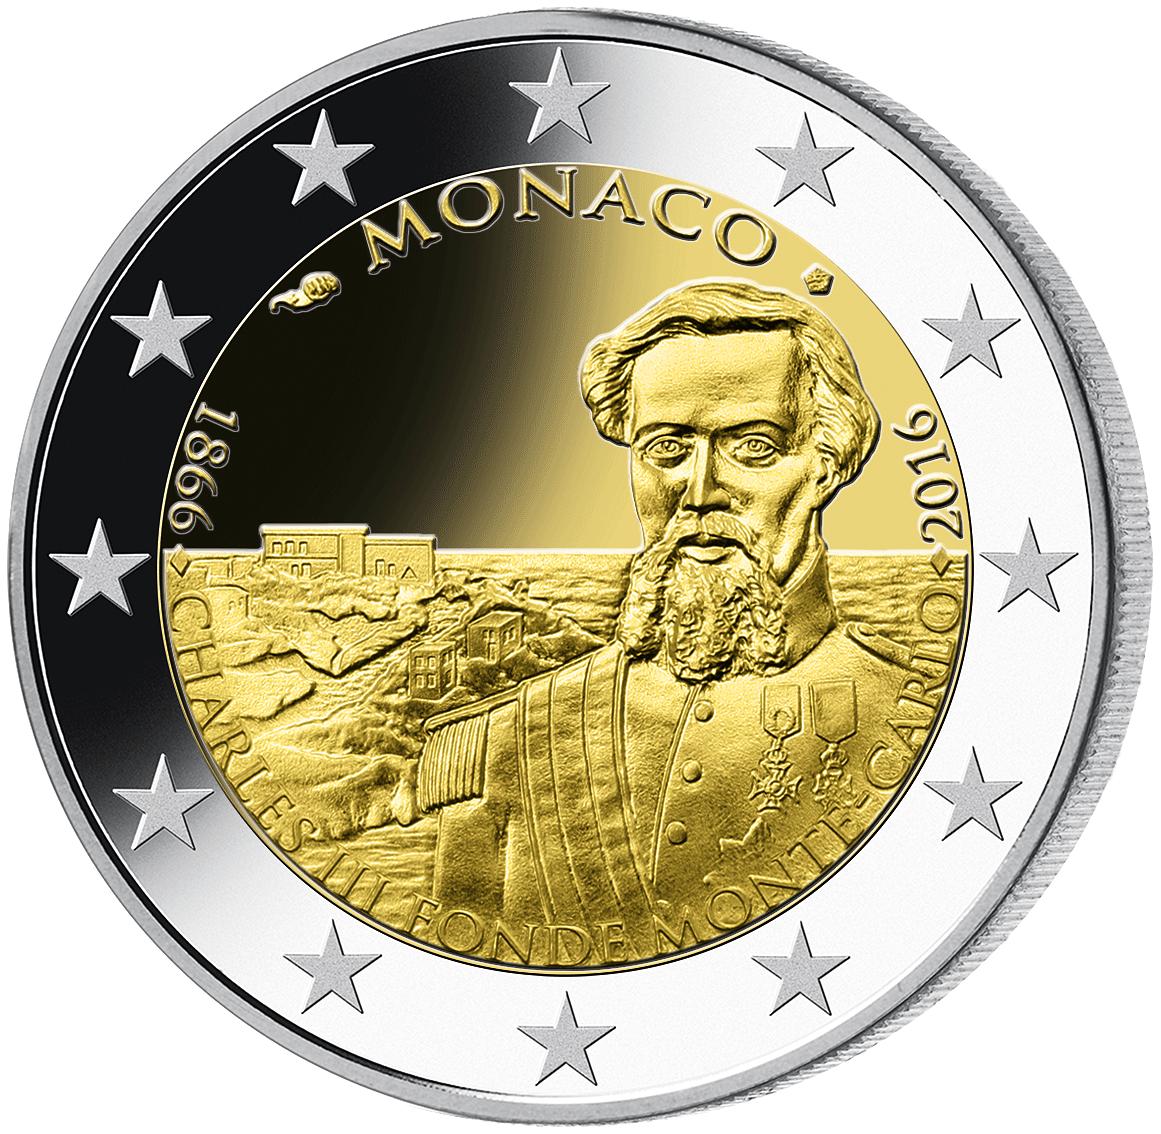 2 Euro Münzen Monaco Kaufen Münzen Günstigerde Münzen Günstigerde